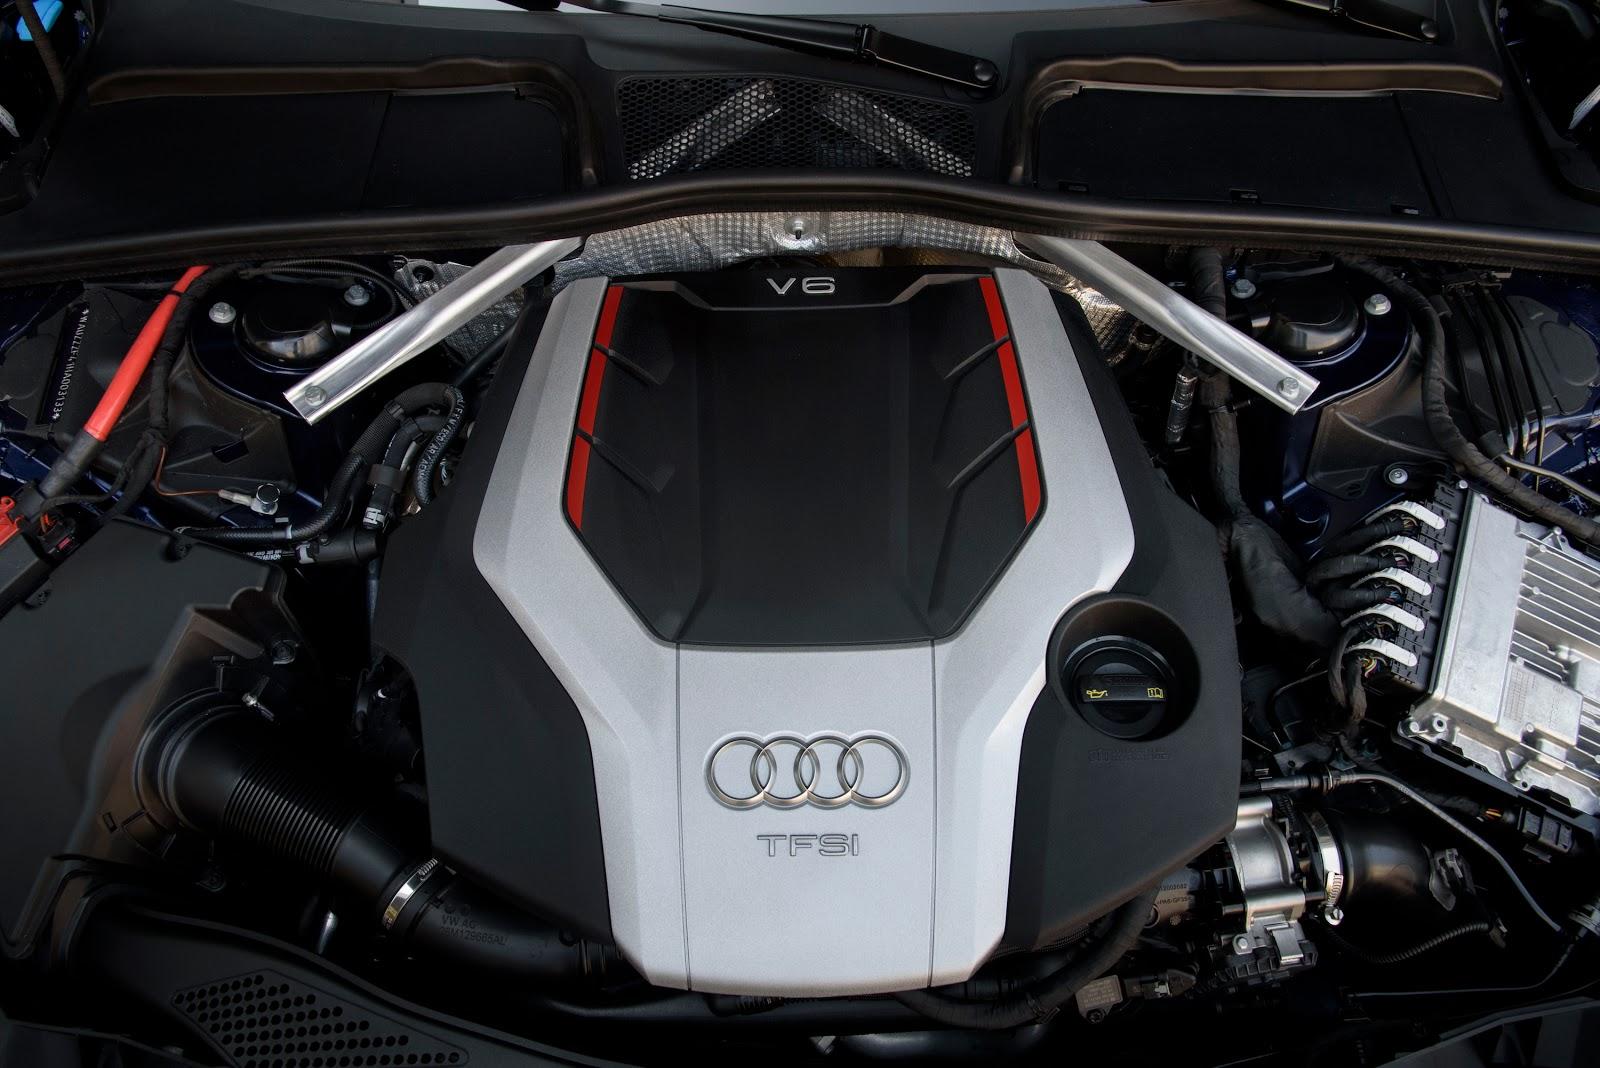 Xe sở hữu khối động cơ cực mạnh, mạnh hơn ngoại hình của xe